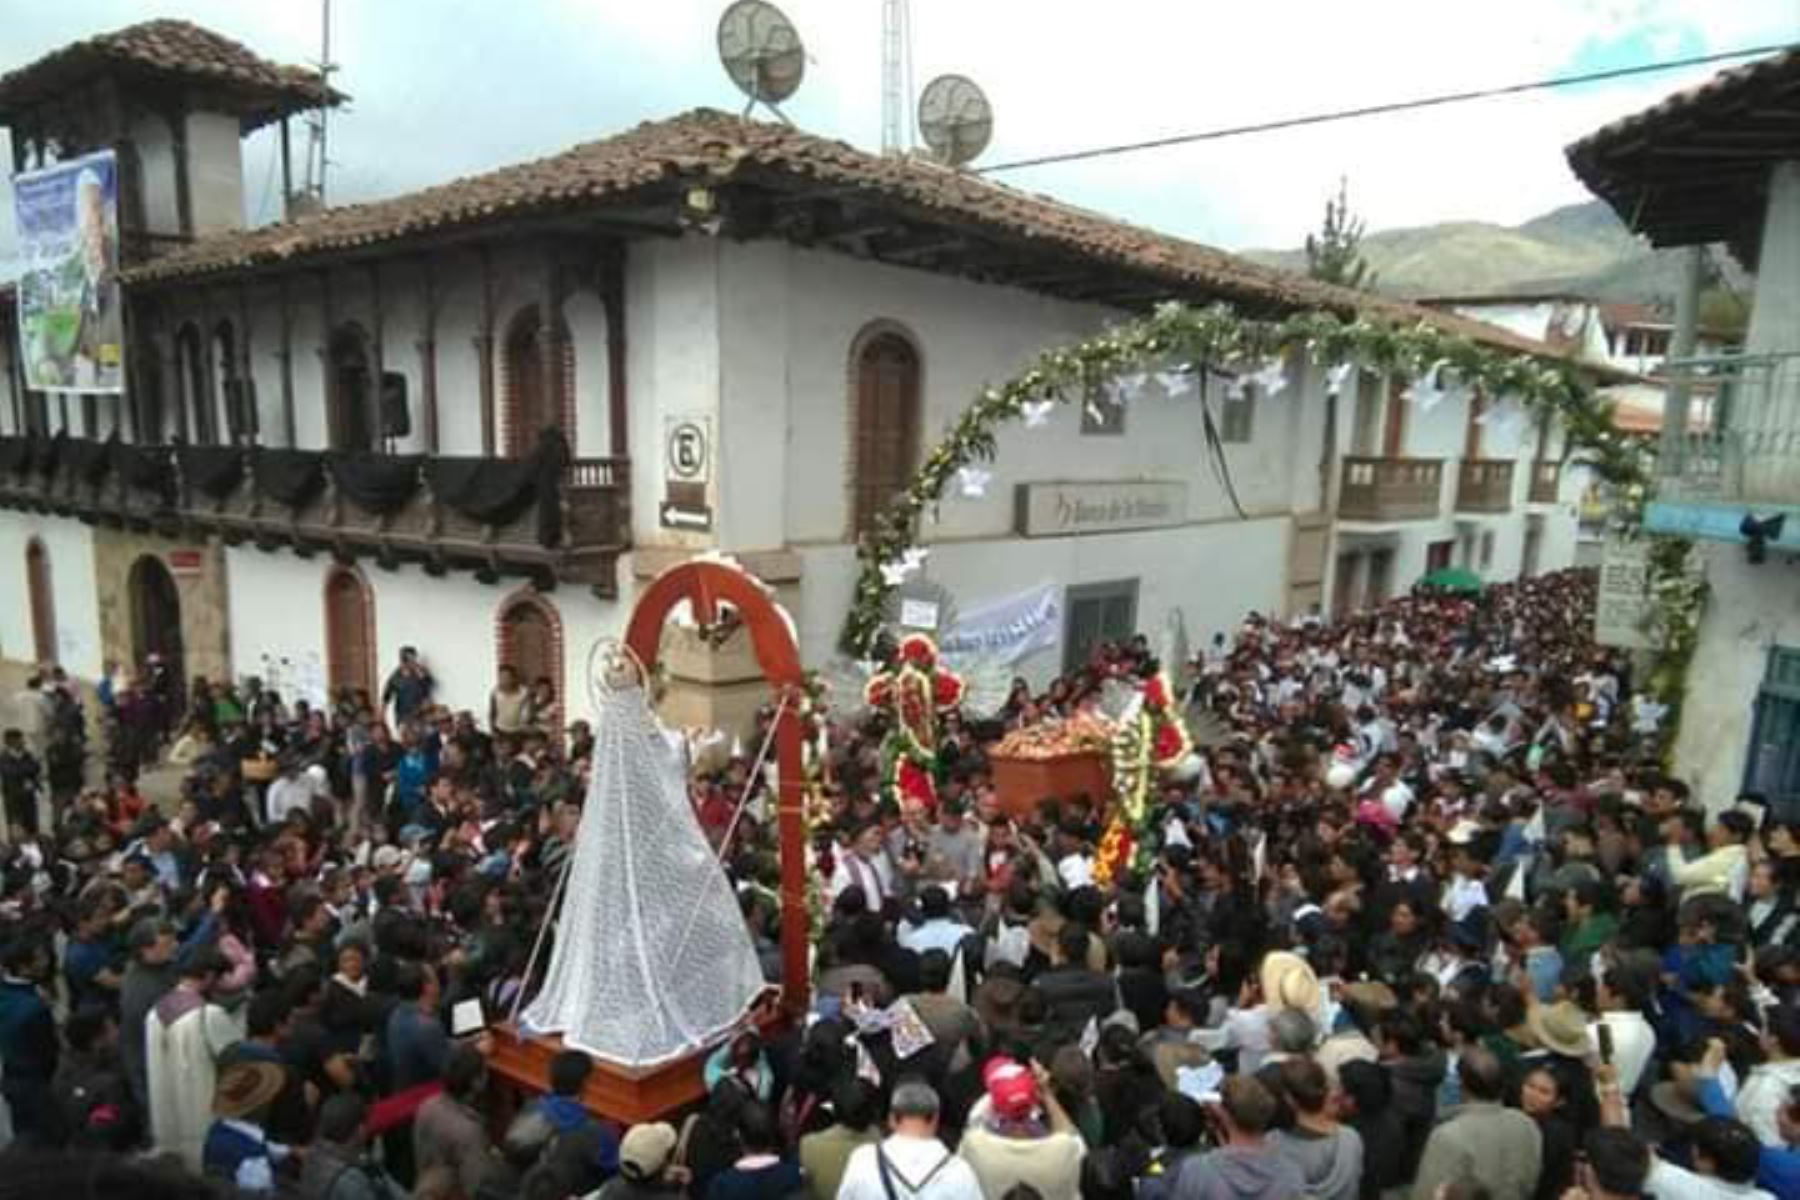 En el 2018, tras 42 años como párroco de Chacas, Ugo de Censi falleció en Lima a los 94 años. Sus exequias fúnebres se prolongaron por 6 días y tanto fue su amor hacia Chacas, que fue sepultado a los pies del Retablo Mayor de Chacas, el 8 de diciembre. Foto: Cortesía Gonzalo Horna